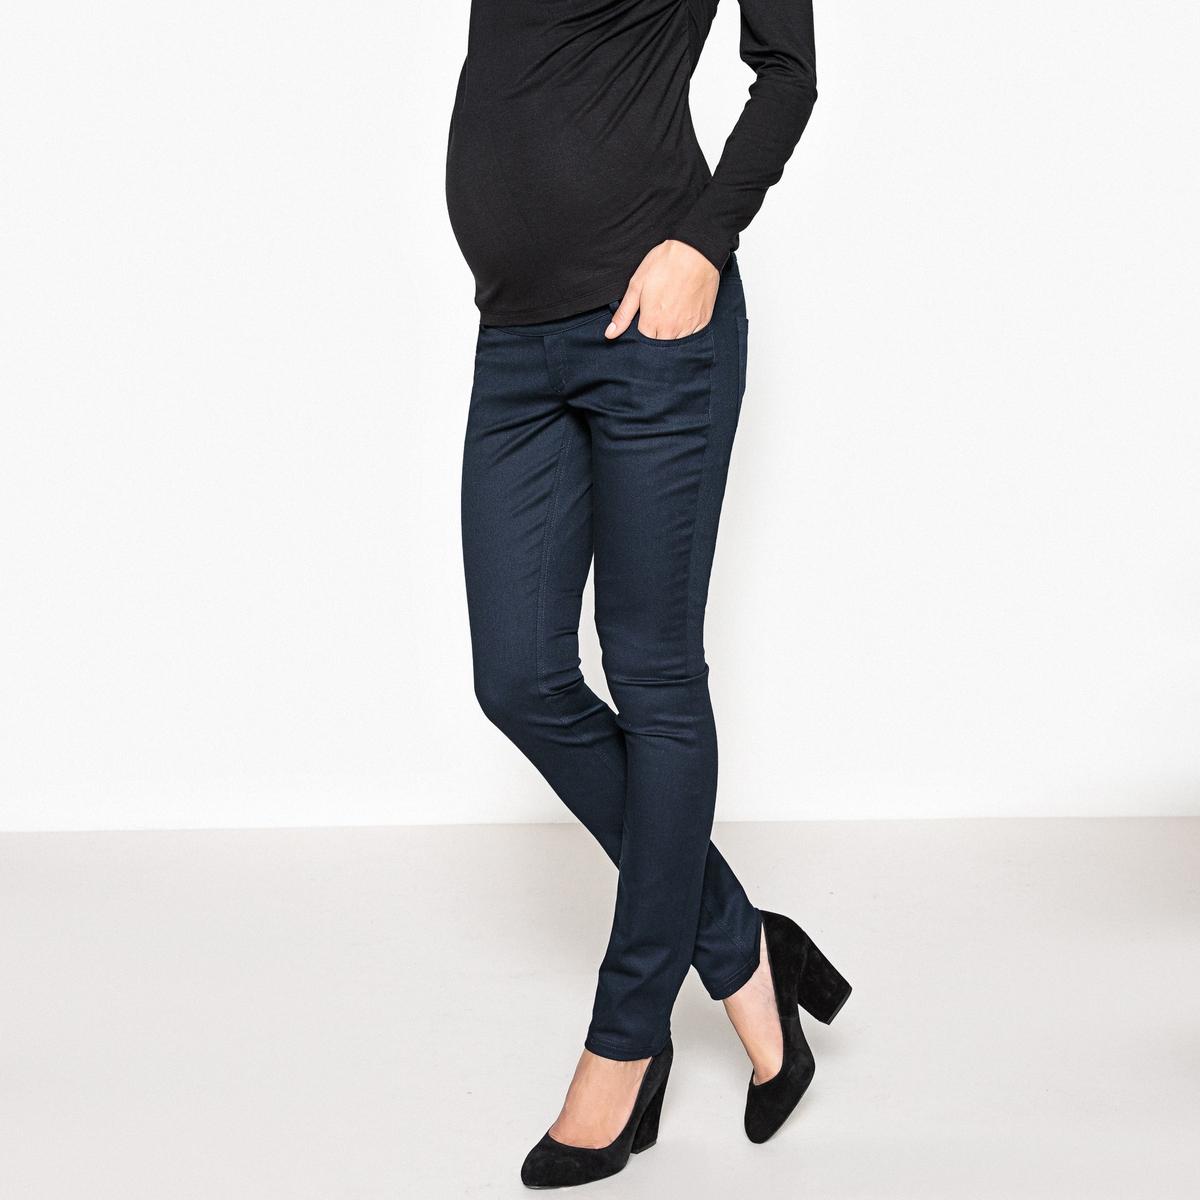 Брюки-слим для периода беременностиДетали •  Узкие, дудочки •  Стандартная высота поясаСостав и уход •  98% хлопка, 2% эластана •  Следуйте советам по уходу, указанным на этикеткеМодель адаптирована для периода беременности<br><br>Цвет: бордовый,темно-синий,черный<br>Размер: 36 (FR) - 42 (RUS).46 (FR) - 52 (RUS).44 (FR) - 50 (RUS).40 (FR) - 46 (RUS).46 (FR) - 52 (RUS).44 (FR) - 50 (RUS)